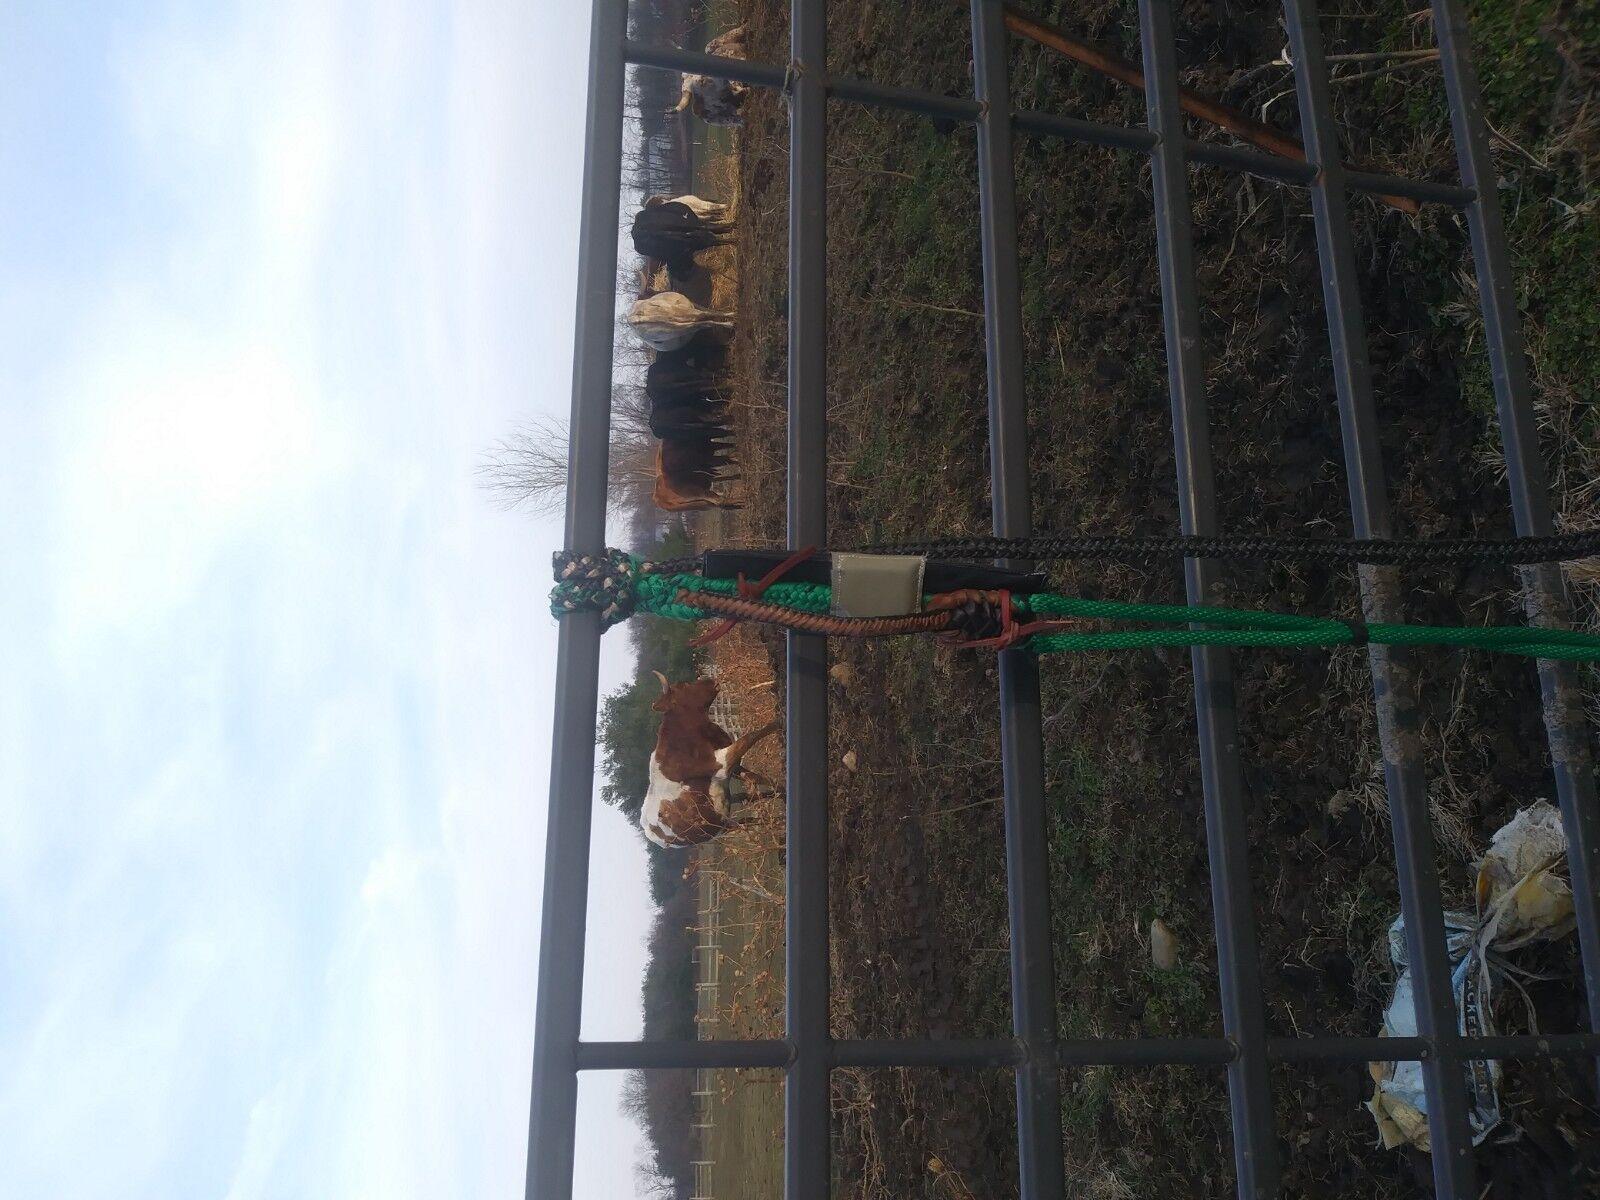 Cuerda de equipos de montar toros Toro Caballo Toro Gear PBR